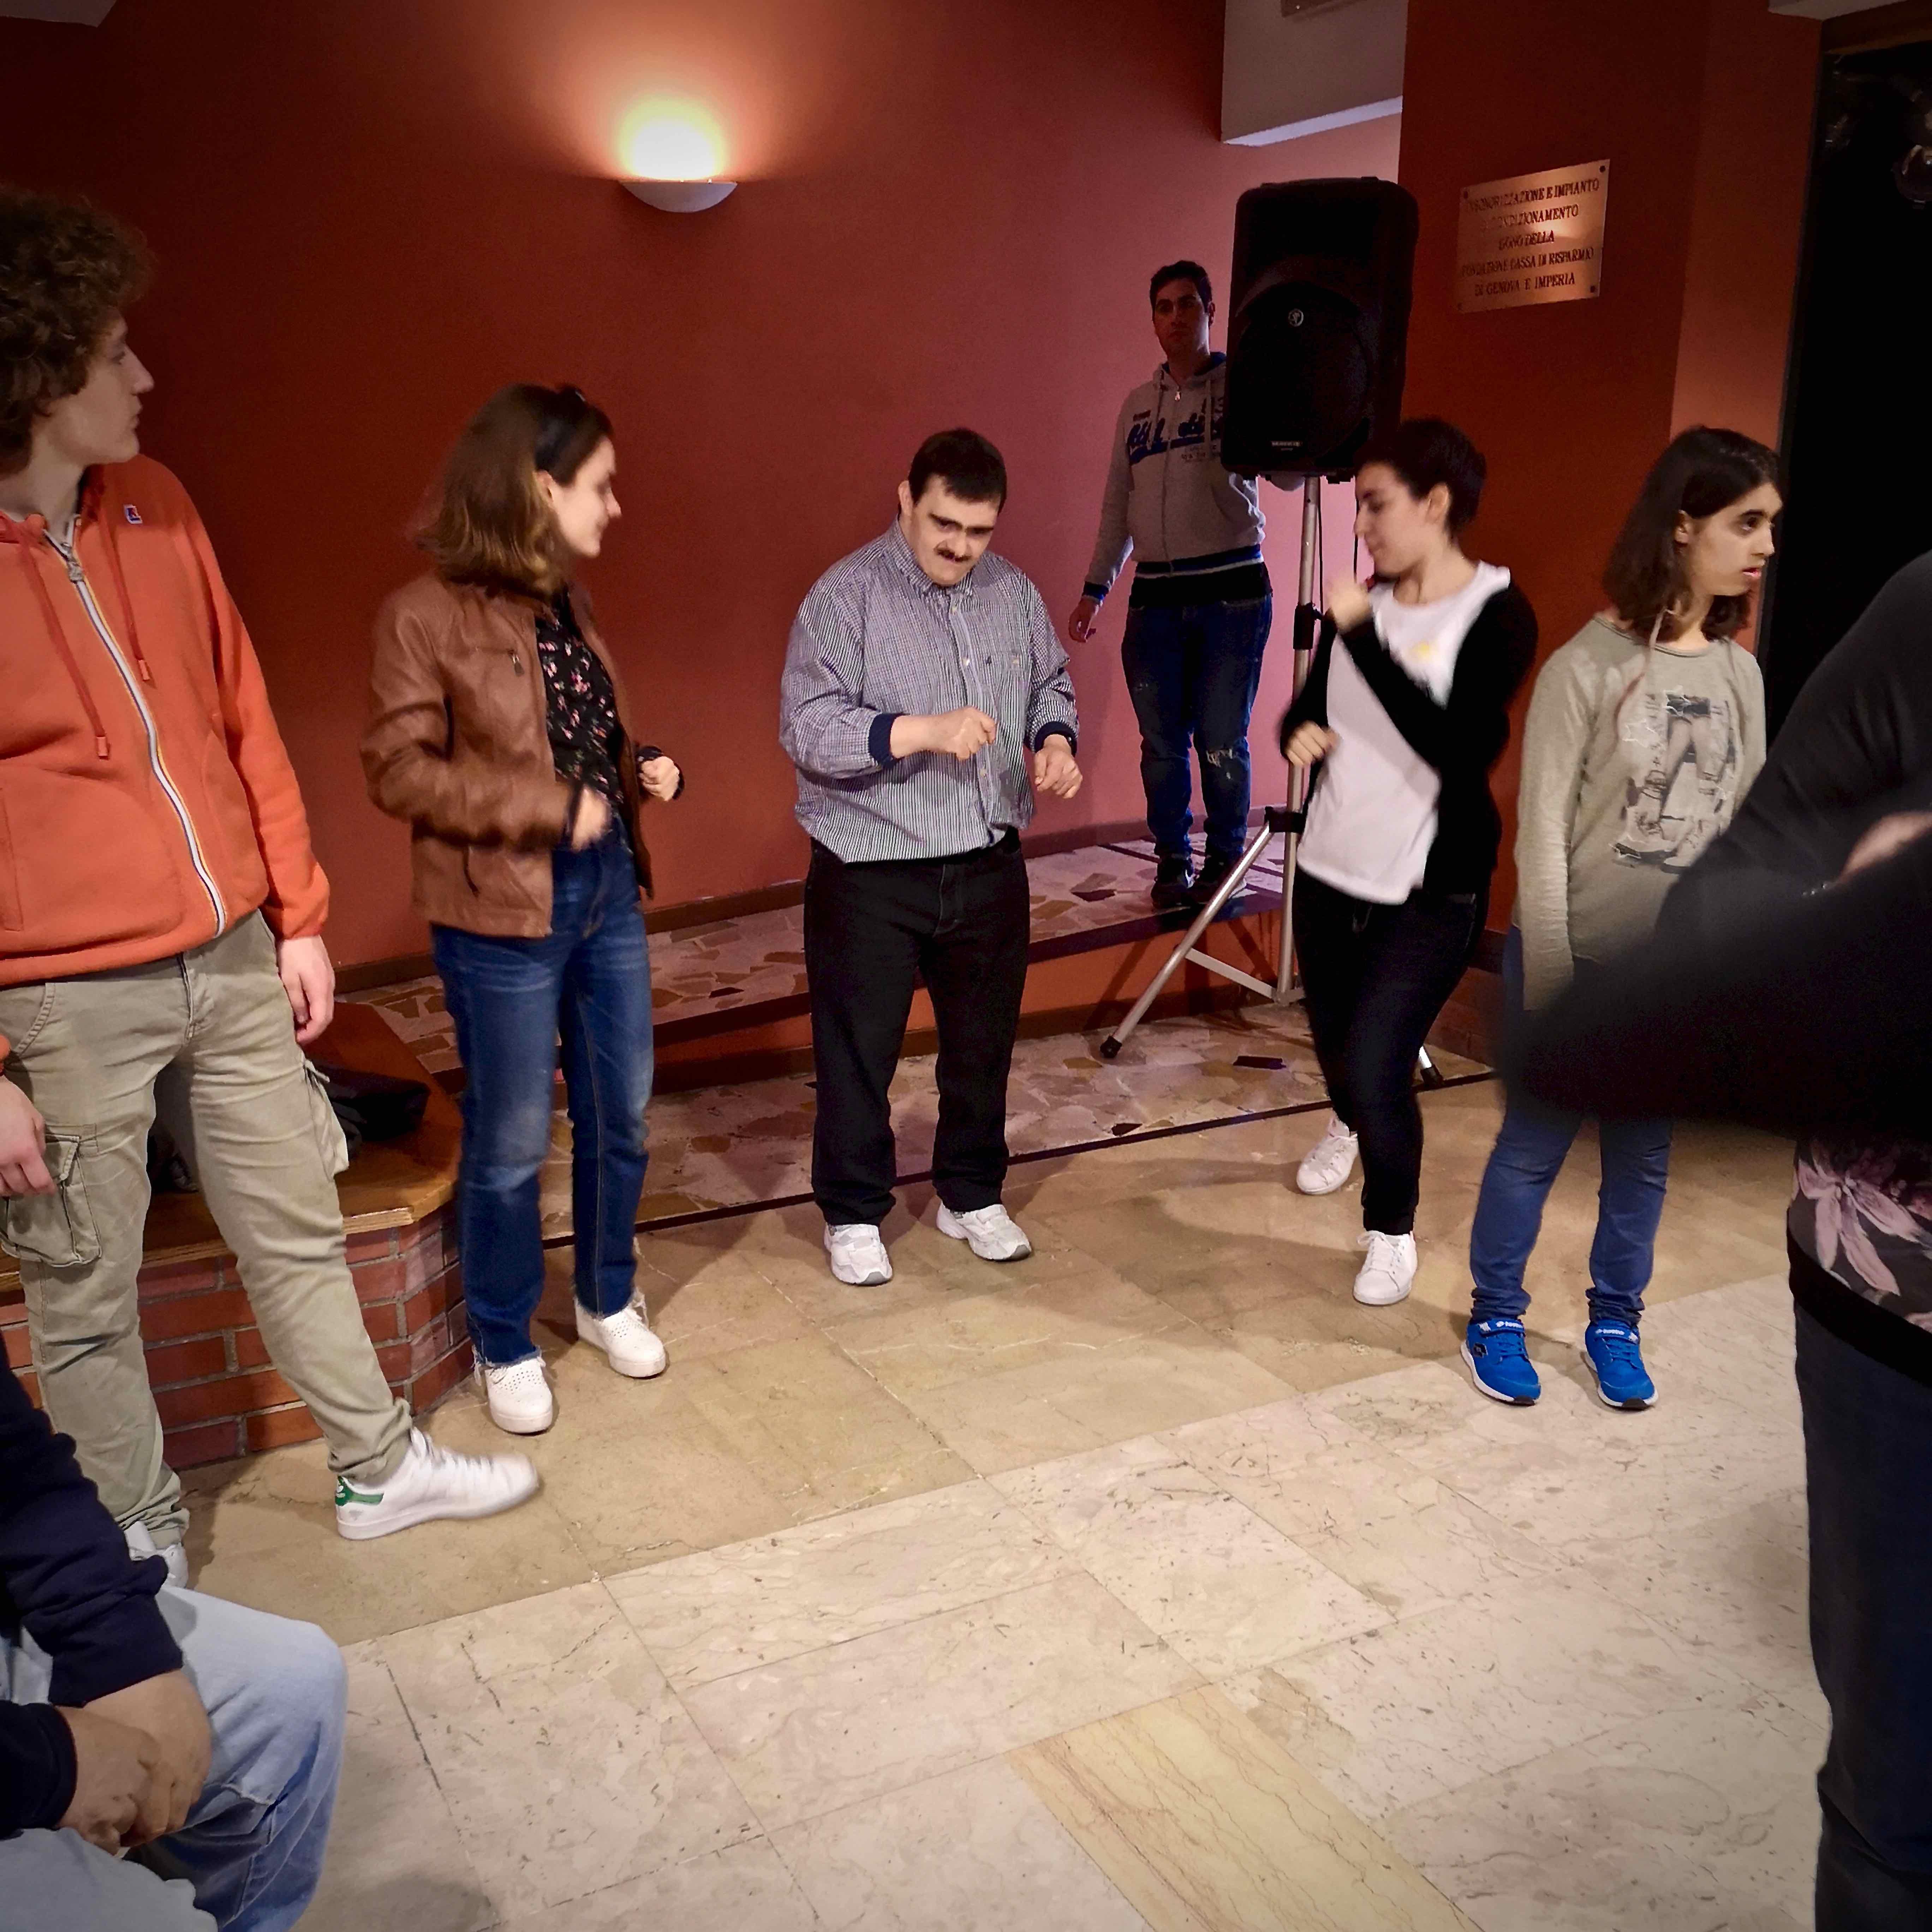 Laboratorio di animazione attraverso il ballo nell'Area della Disabilità grazie agli alunni del Liceo Classico di Chiavari